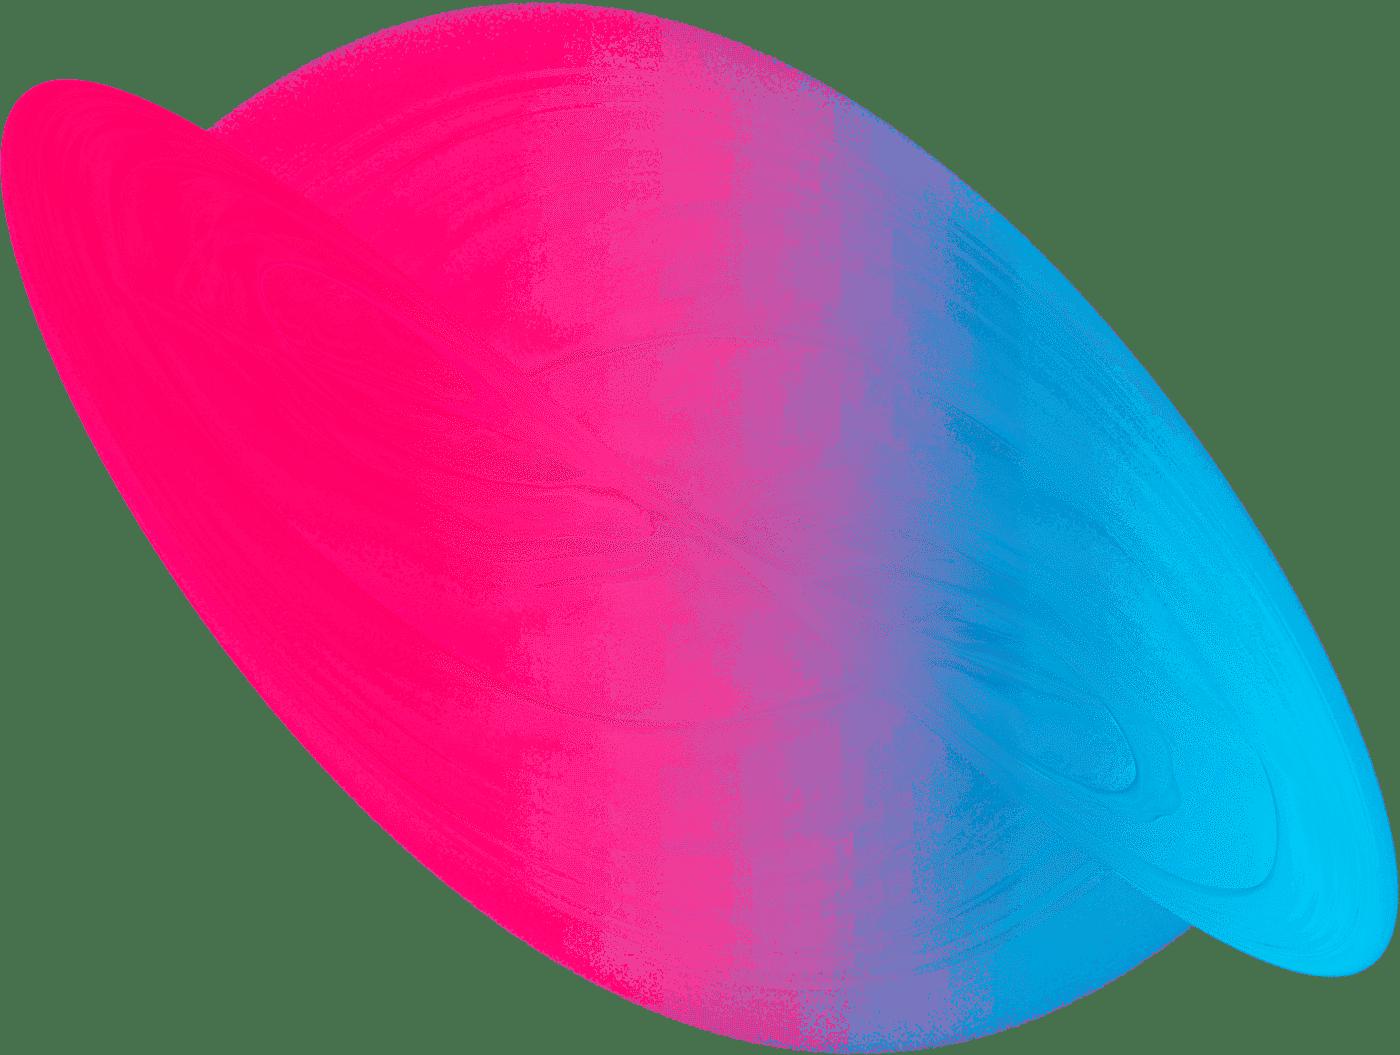 abstractFon2-1